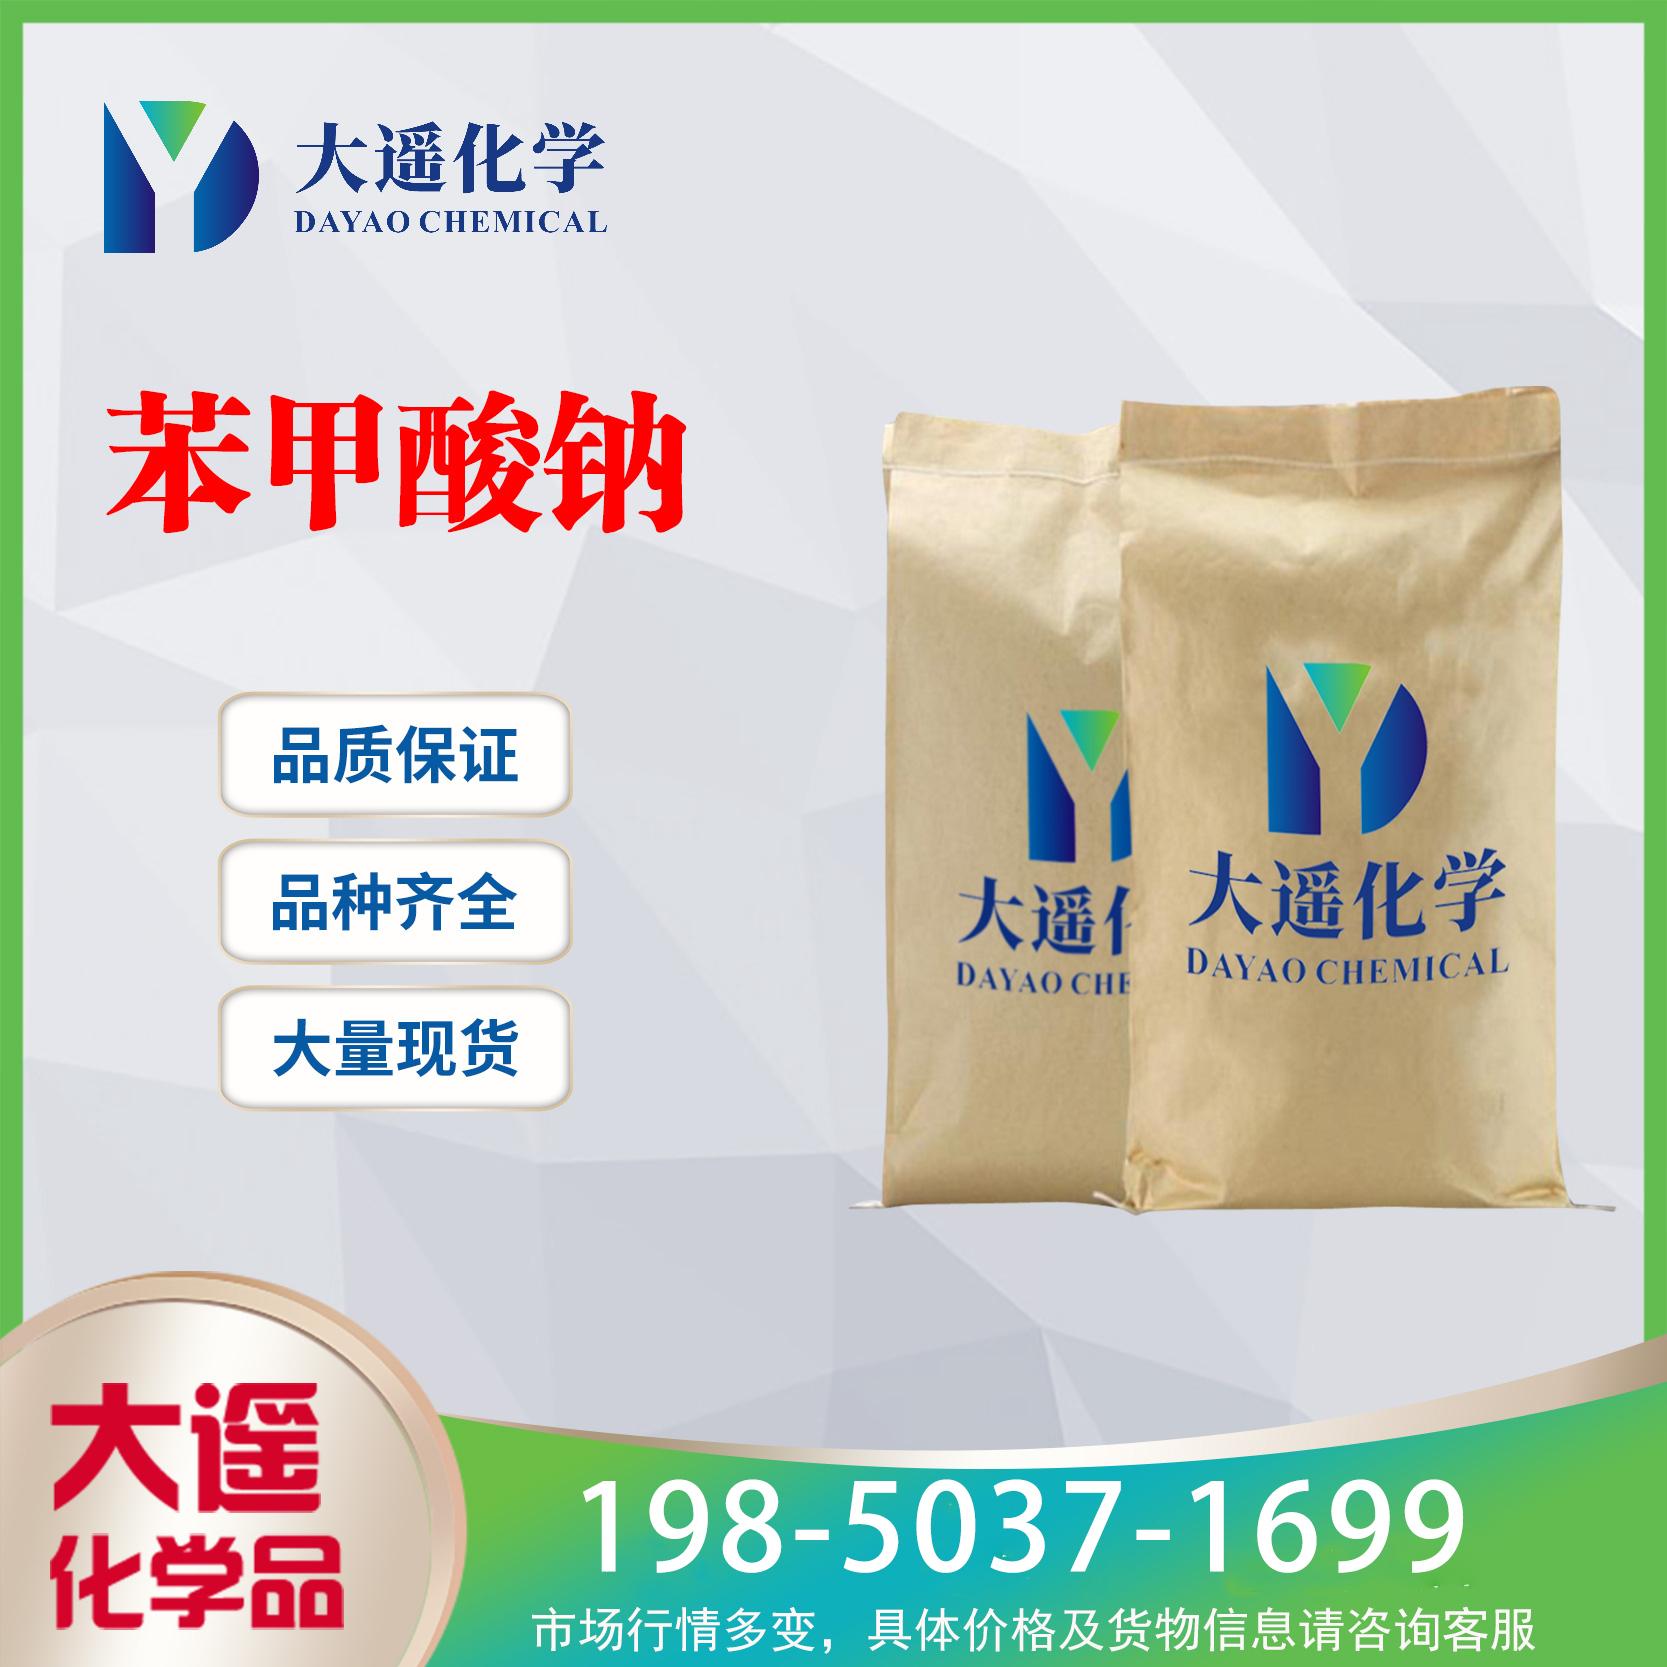 苯甲酸钠厂家直销 苯甲酸钠 防腐剂 苯甲酸钠价格